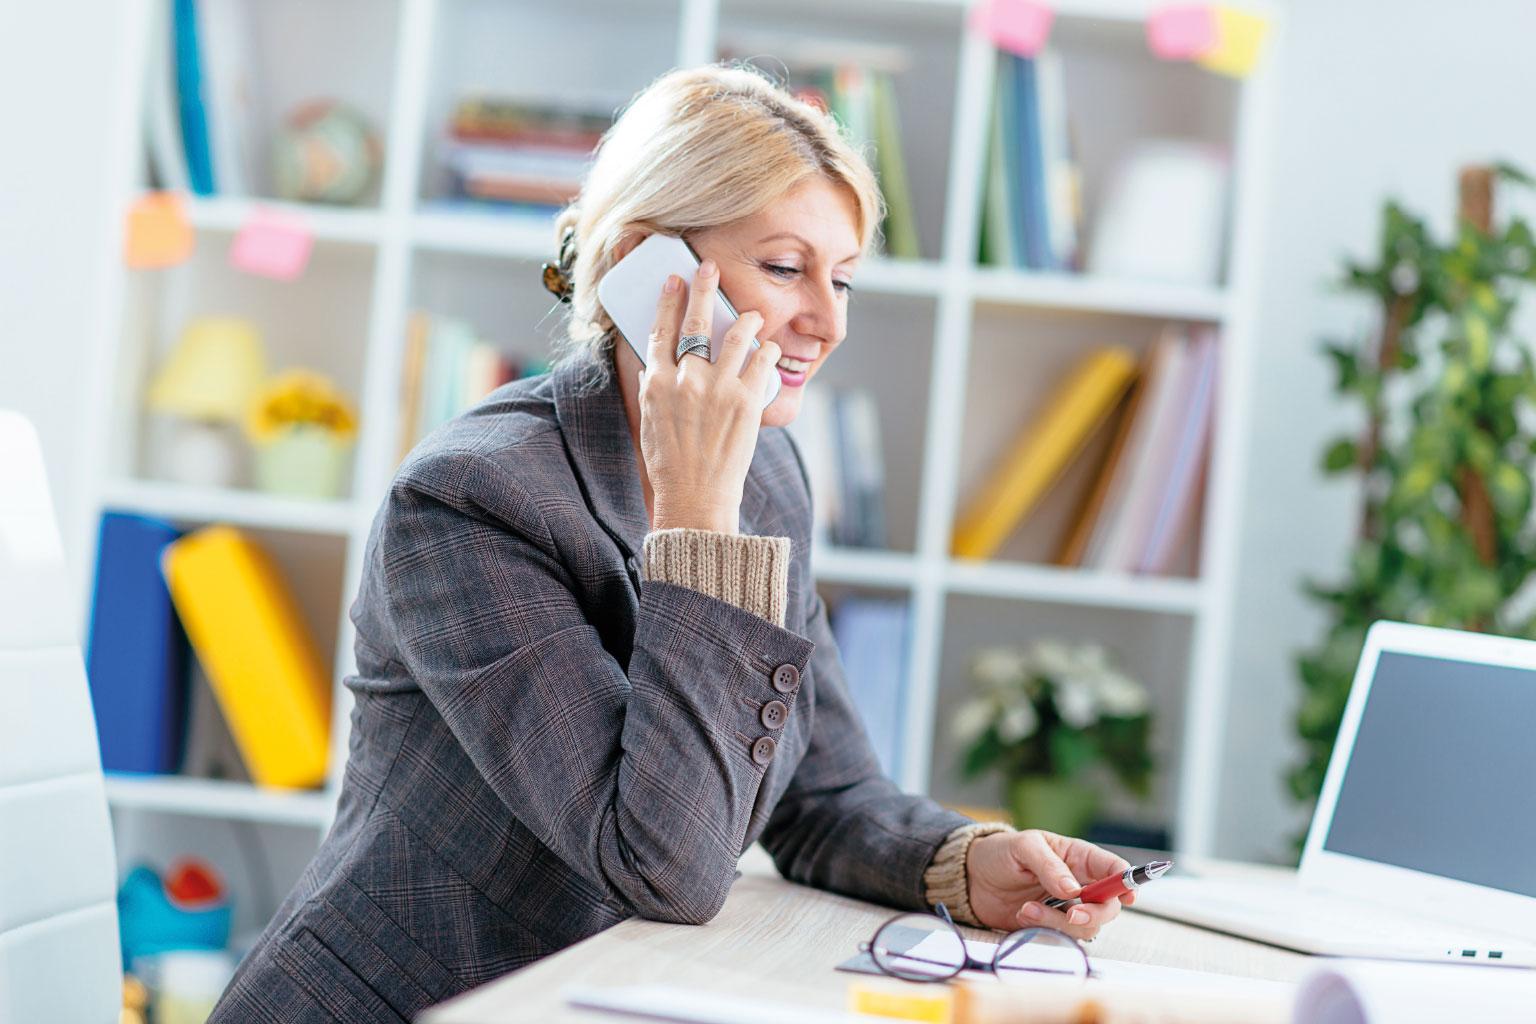 Pani kadrowa w szpitalu rozmawia przez telefon w sprawie zatrudnienia lekarza